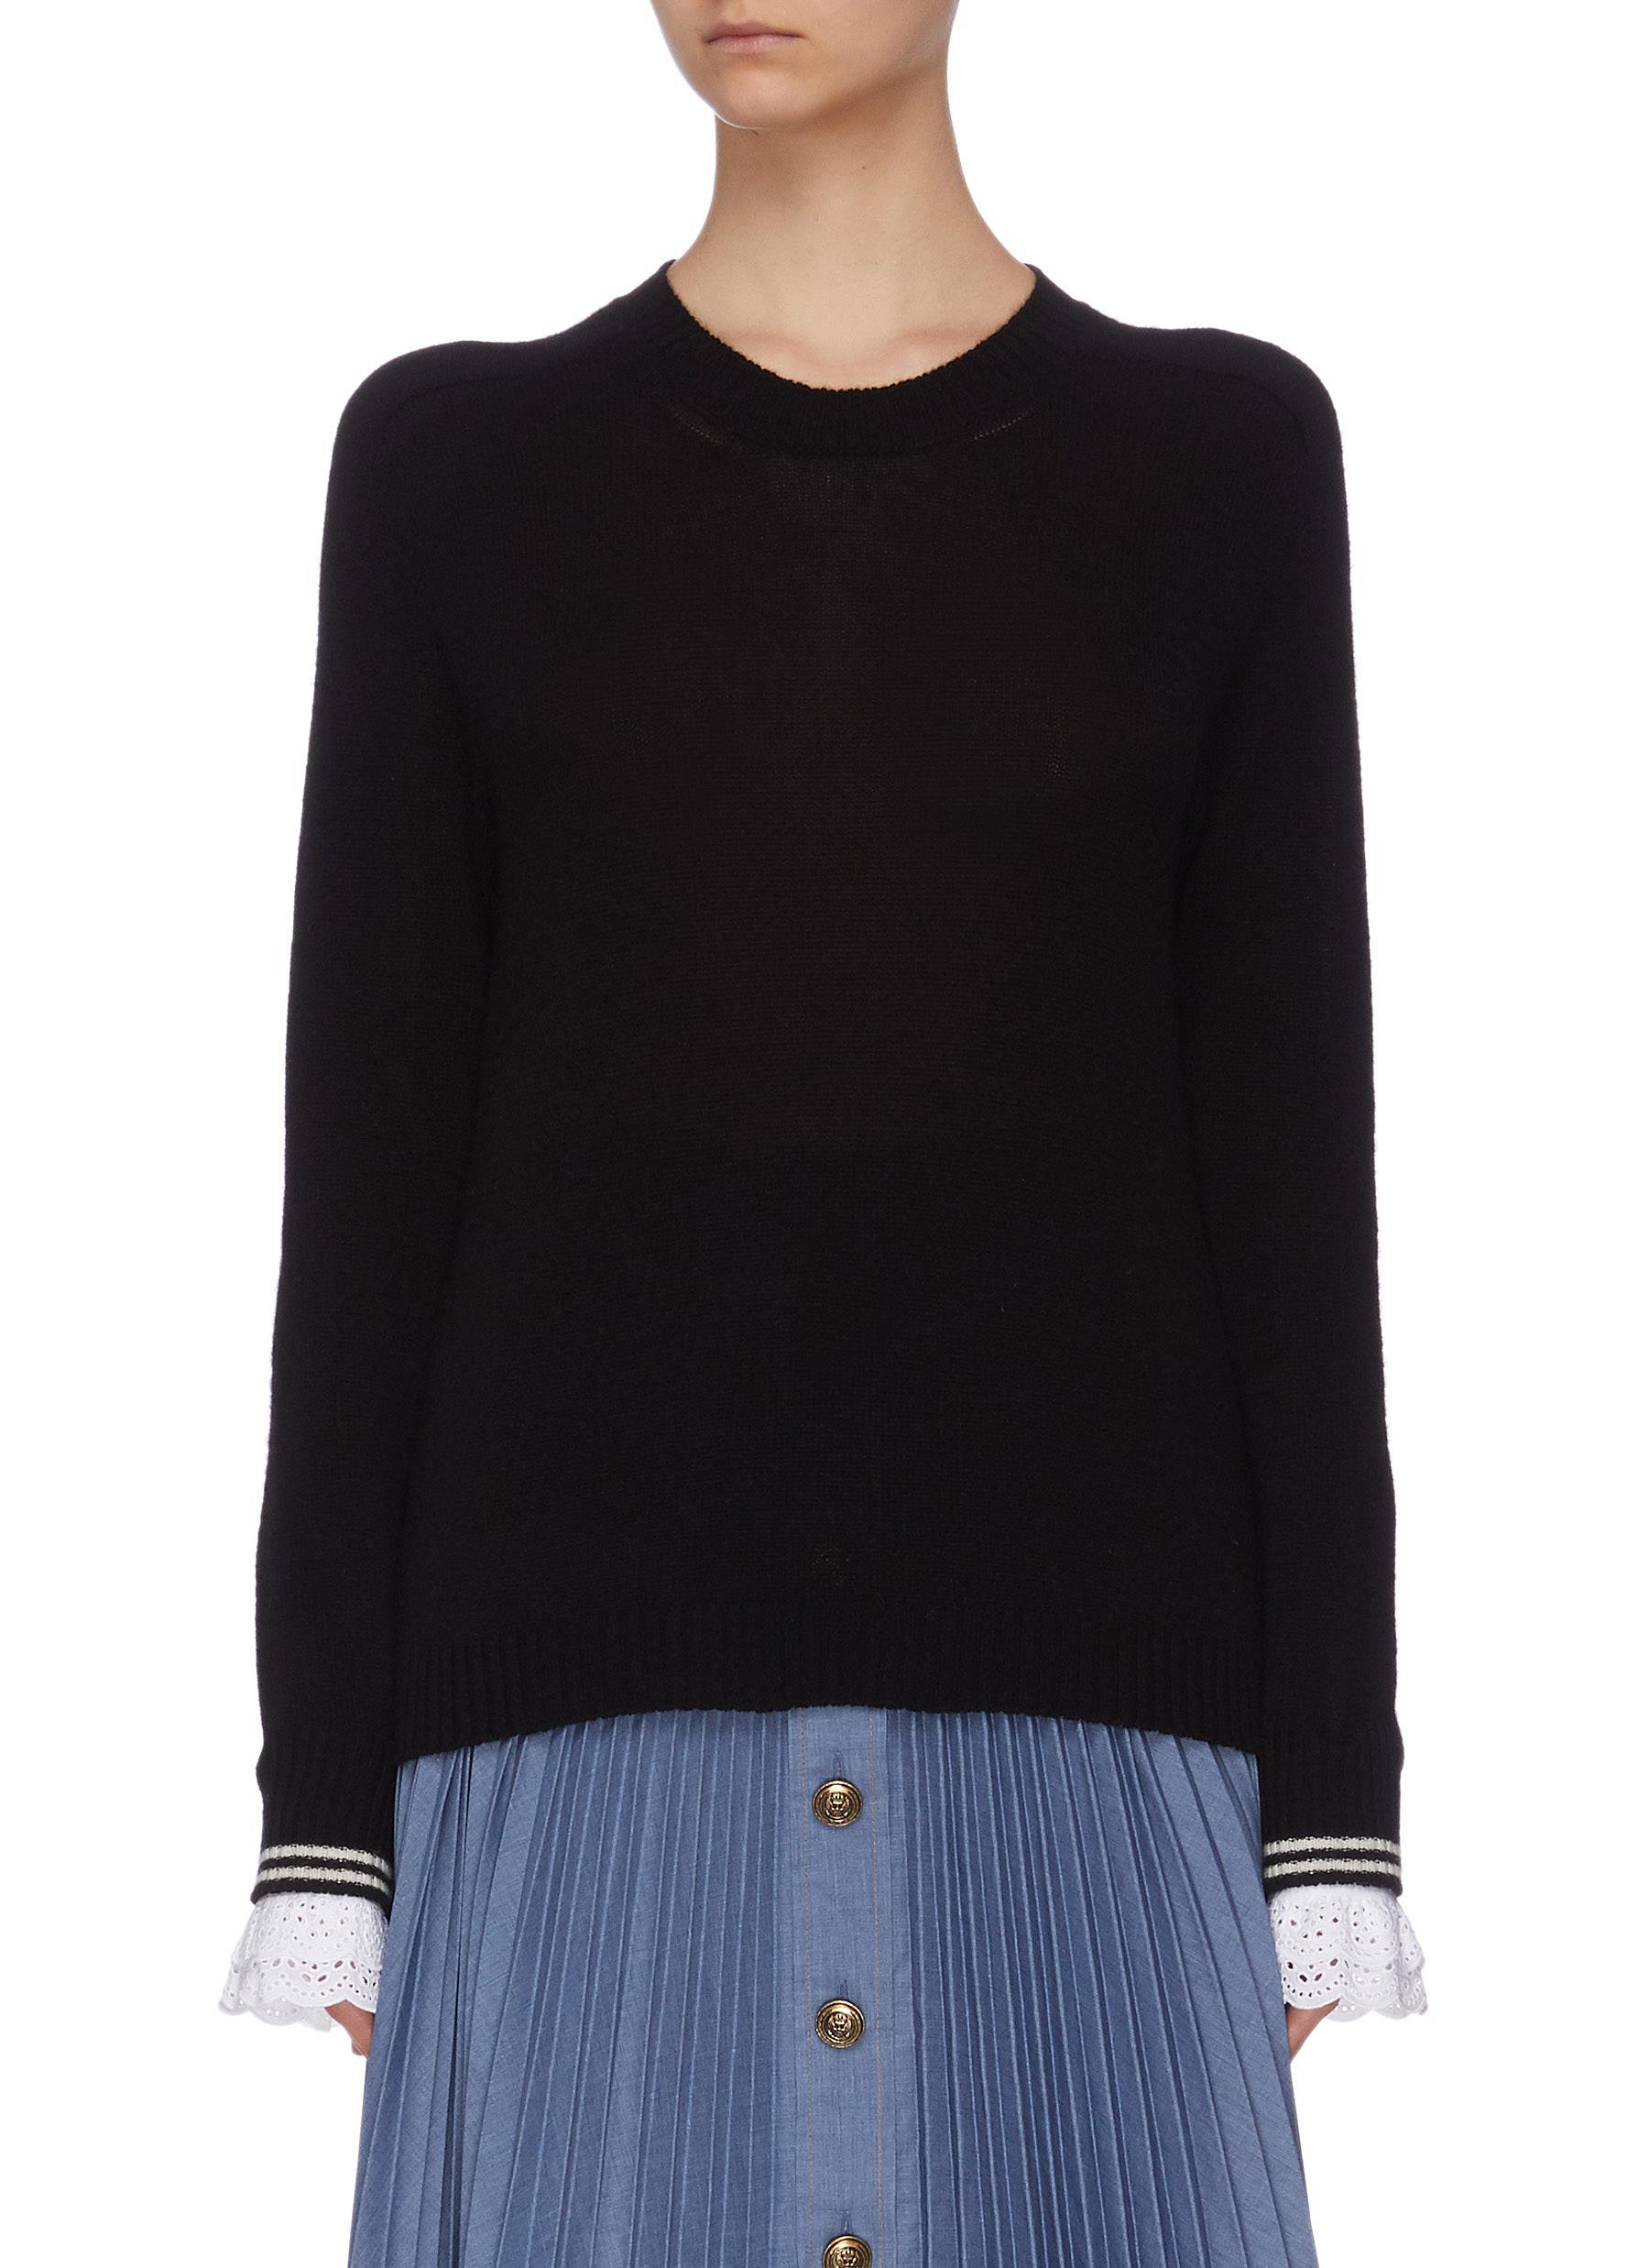 Buy Philosophy Di Lorenzo Serafini Knitwear Lace ruffle cuff sweater